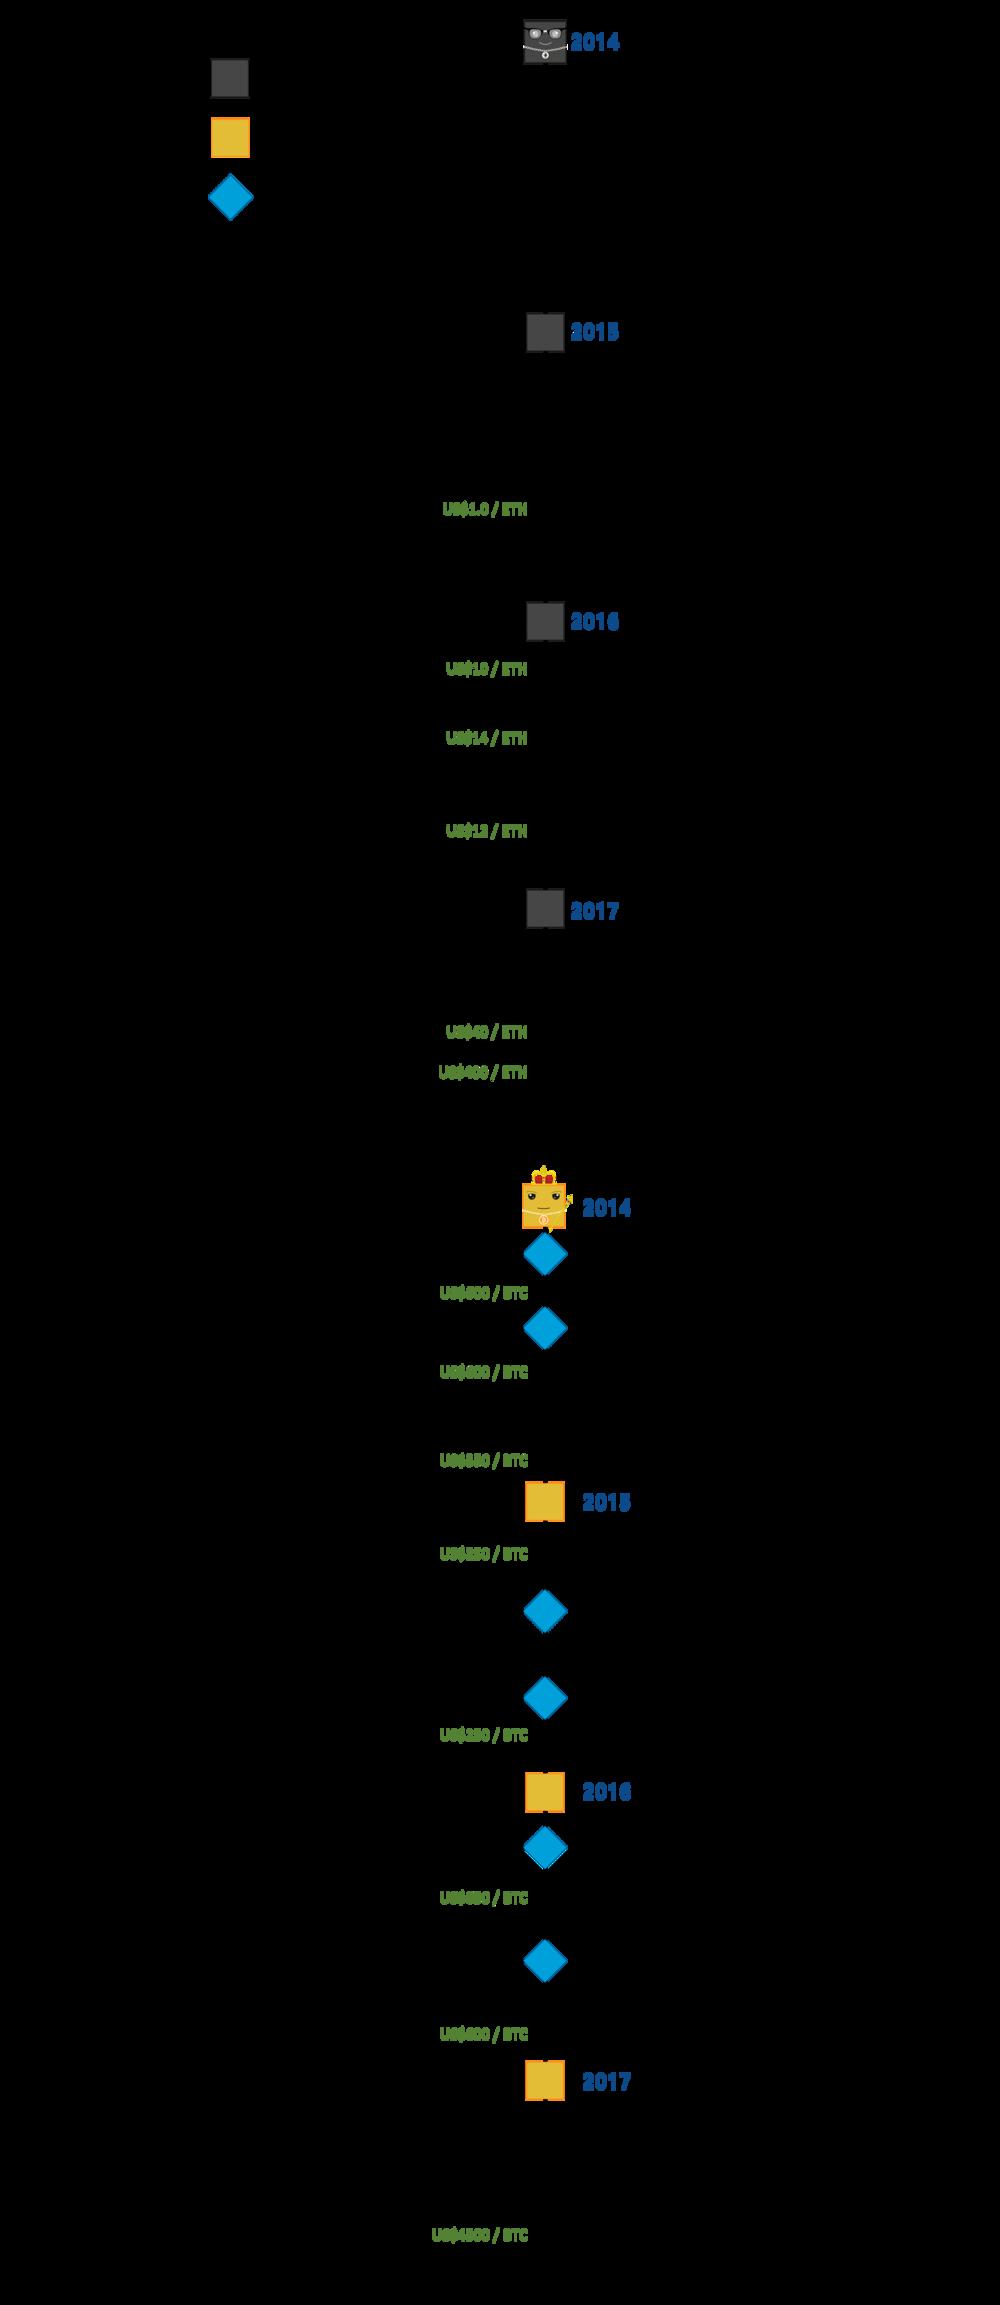 Ethereum Timeline.png